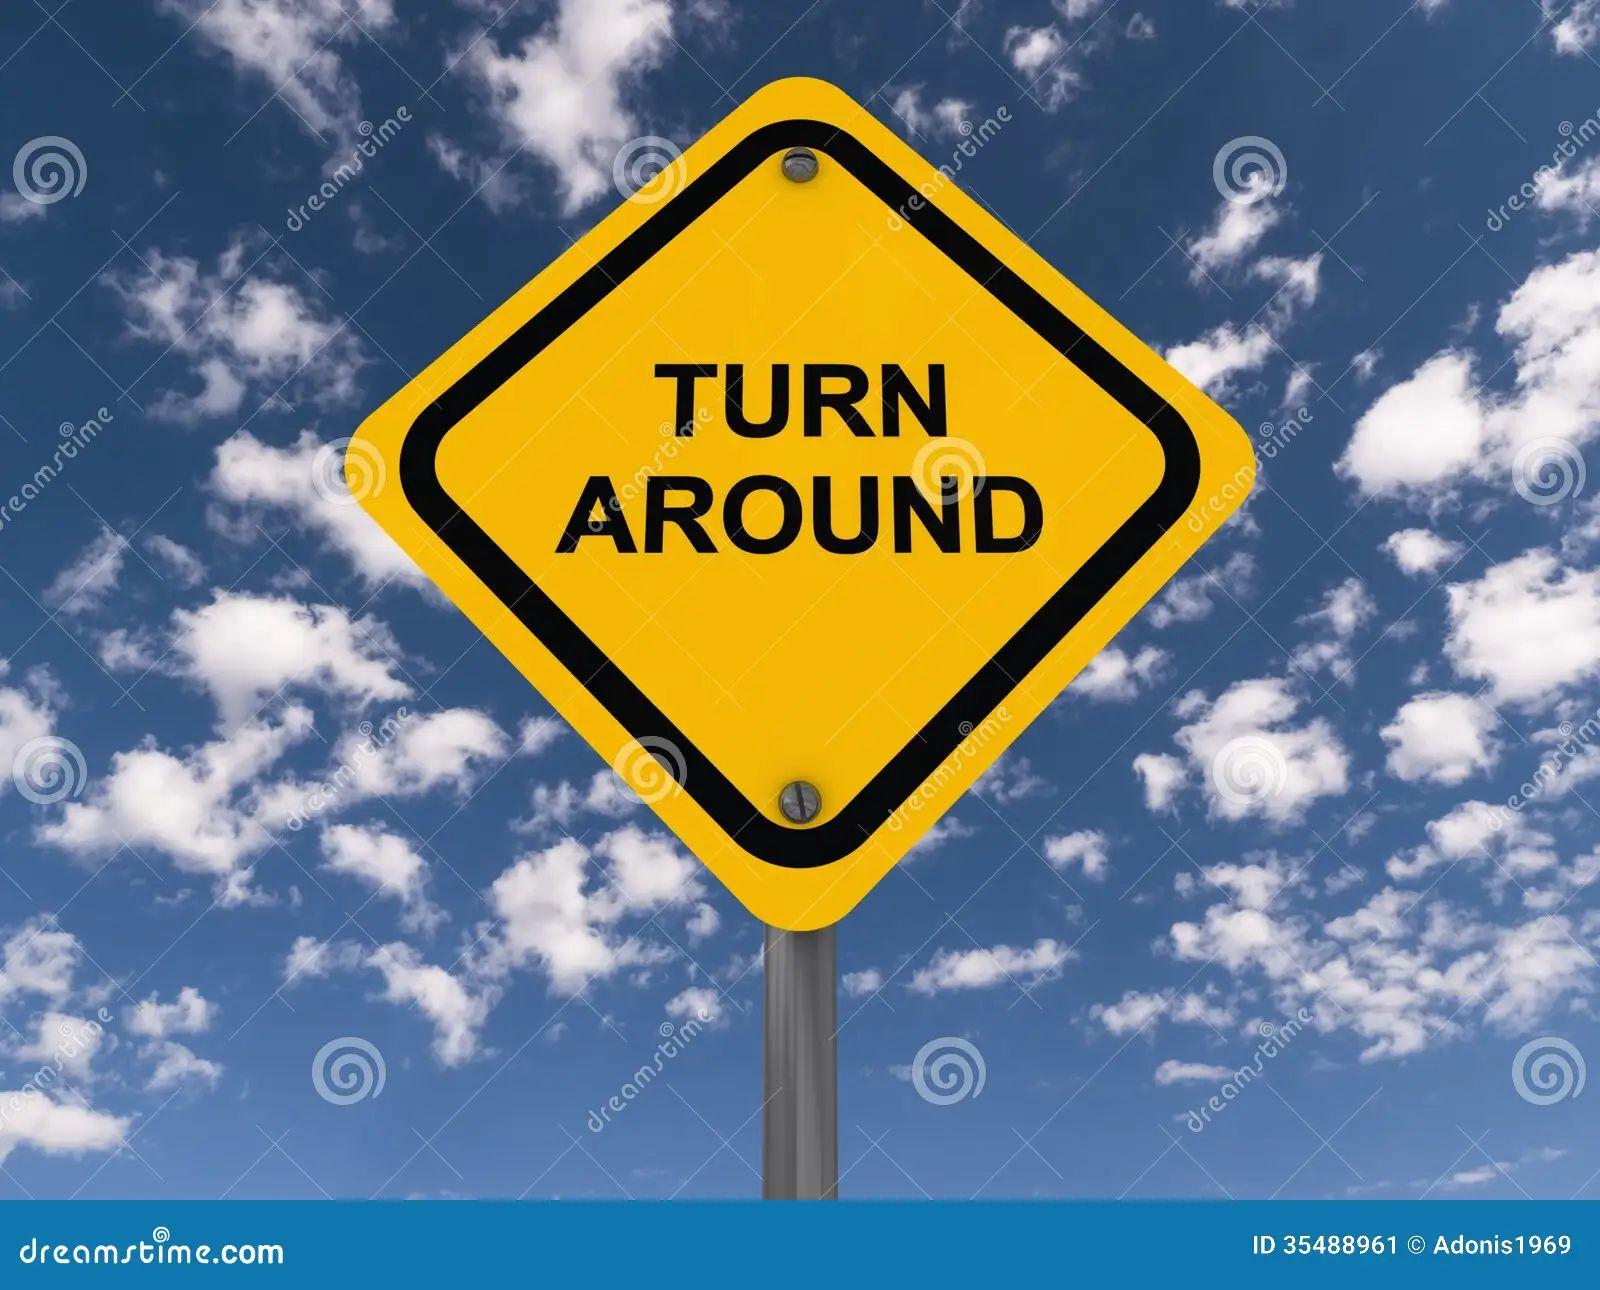 Around sign traffic turn